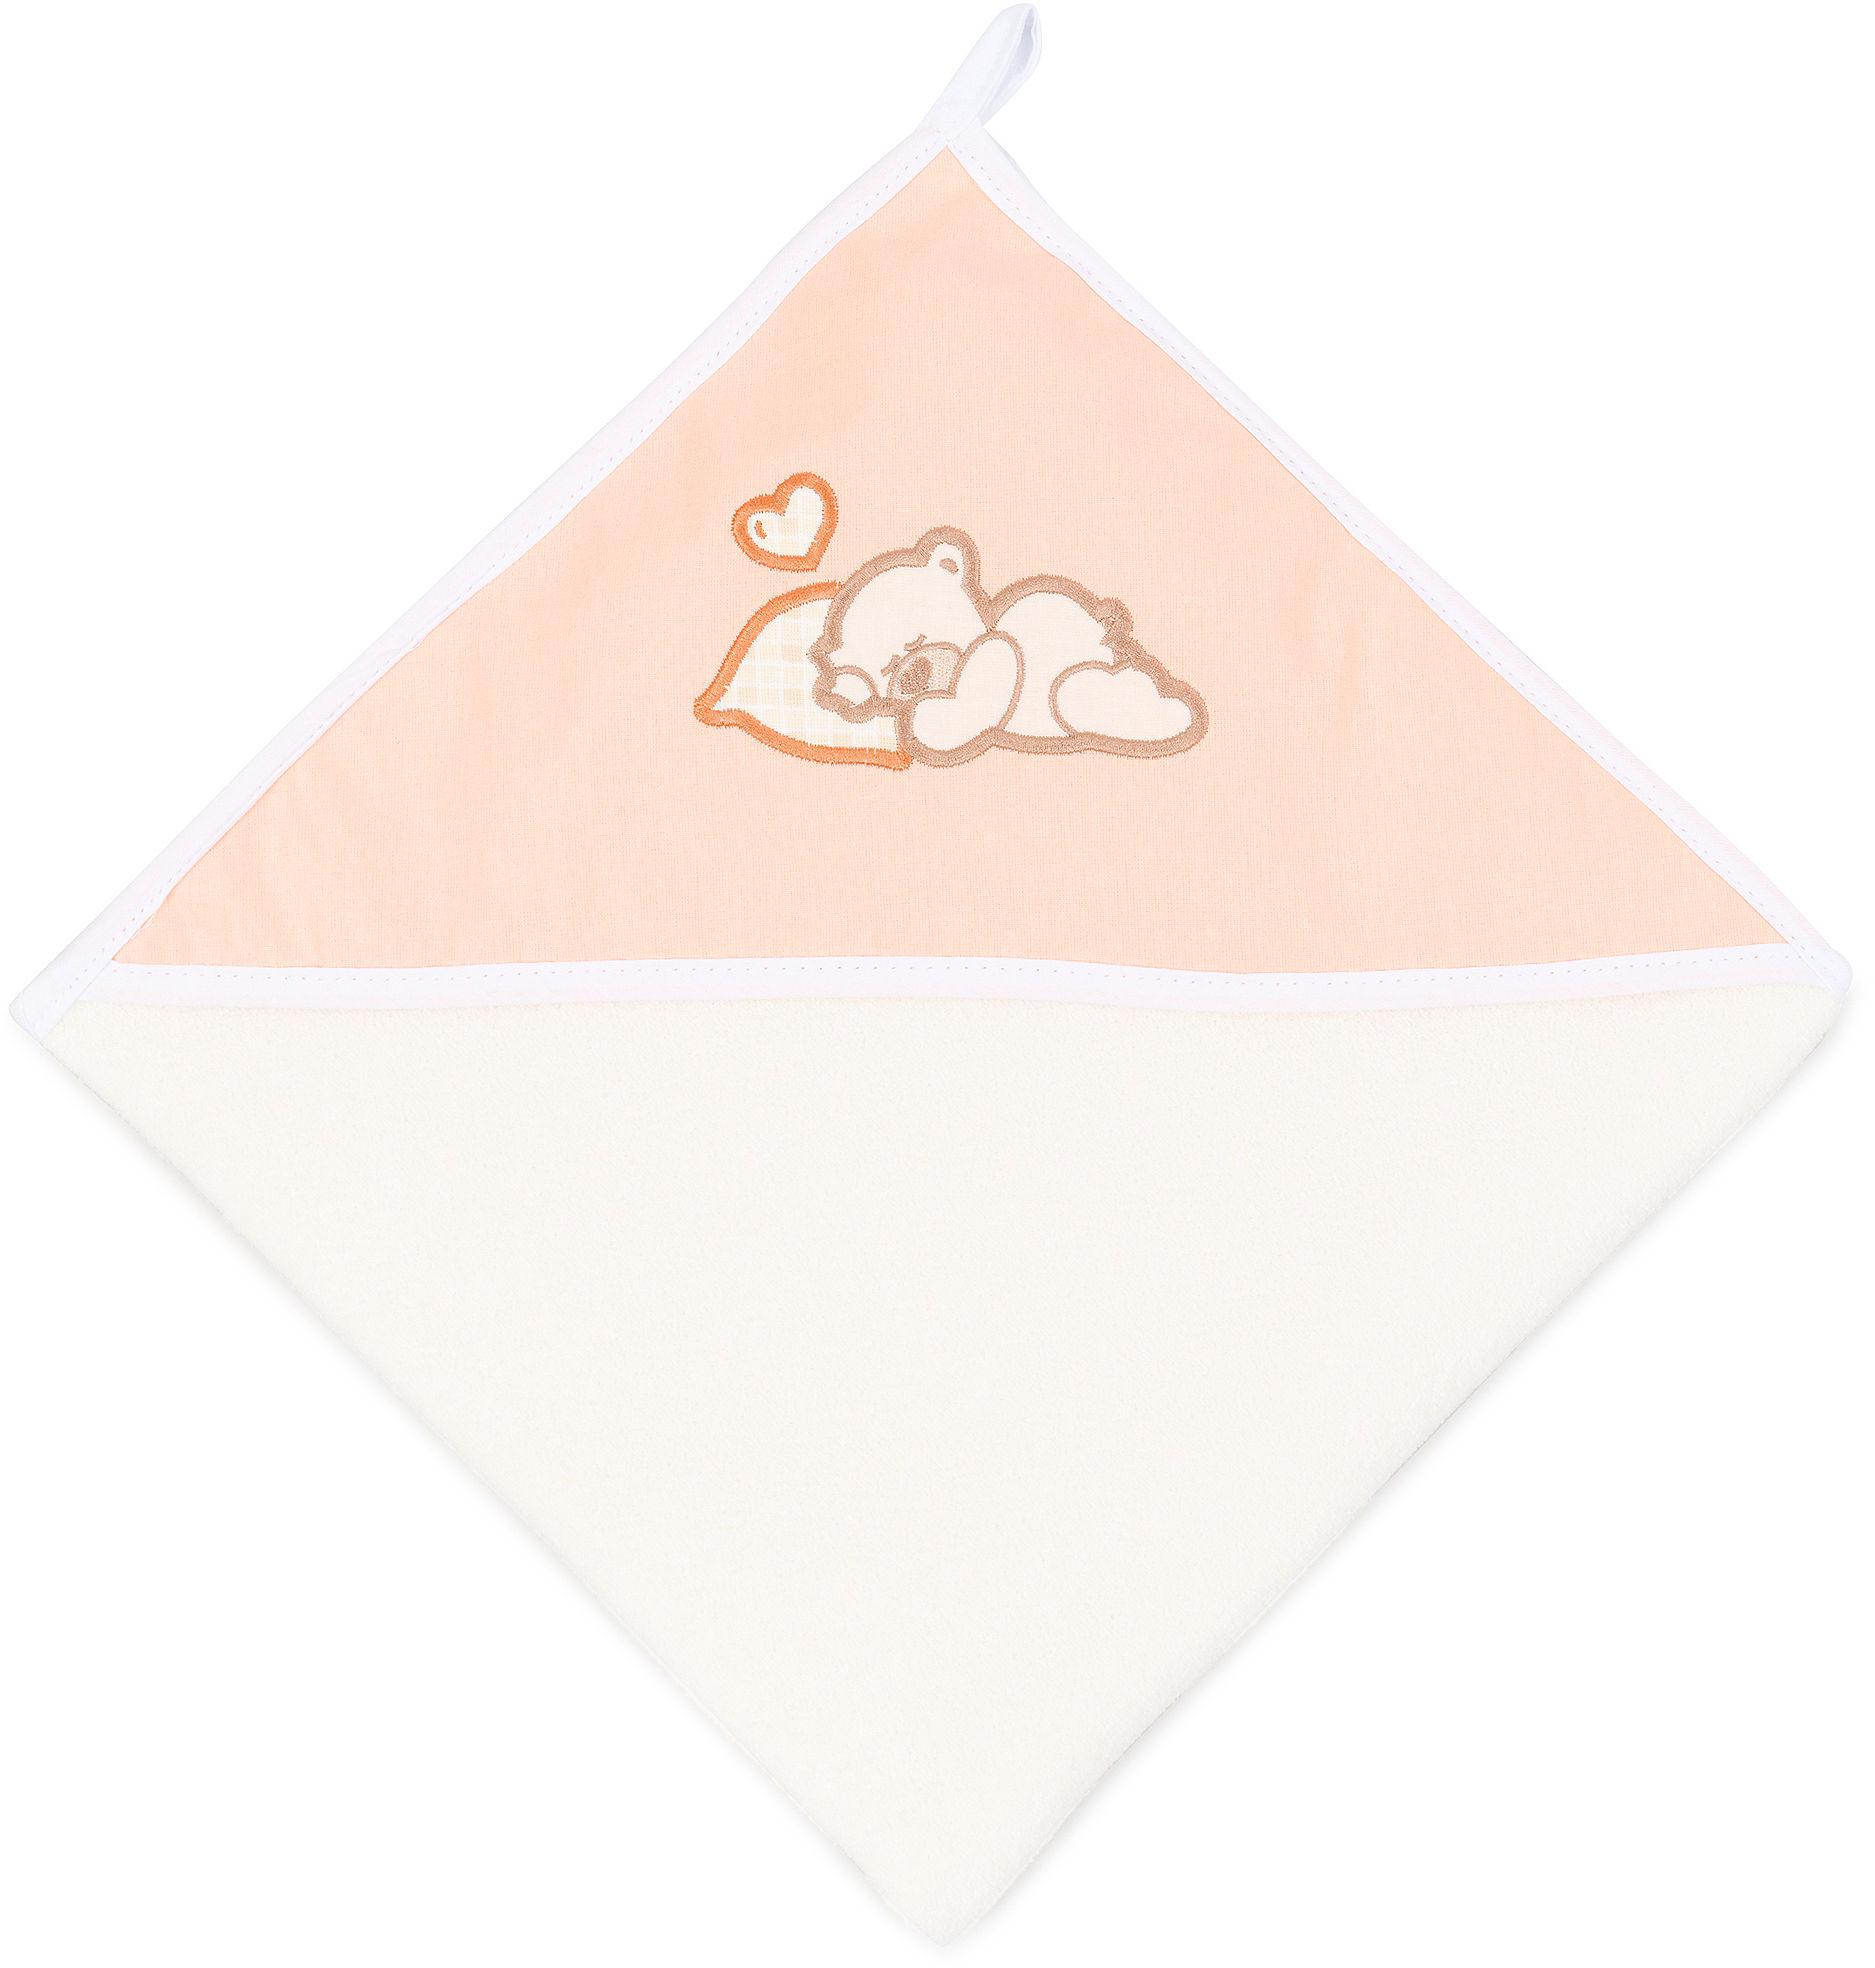 MAMO-TATO Okrycie Kąpielowe z haftem Śpiący miś brzoskwiniowy / ecru